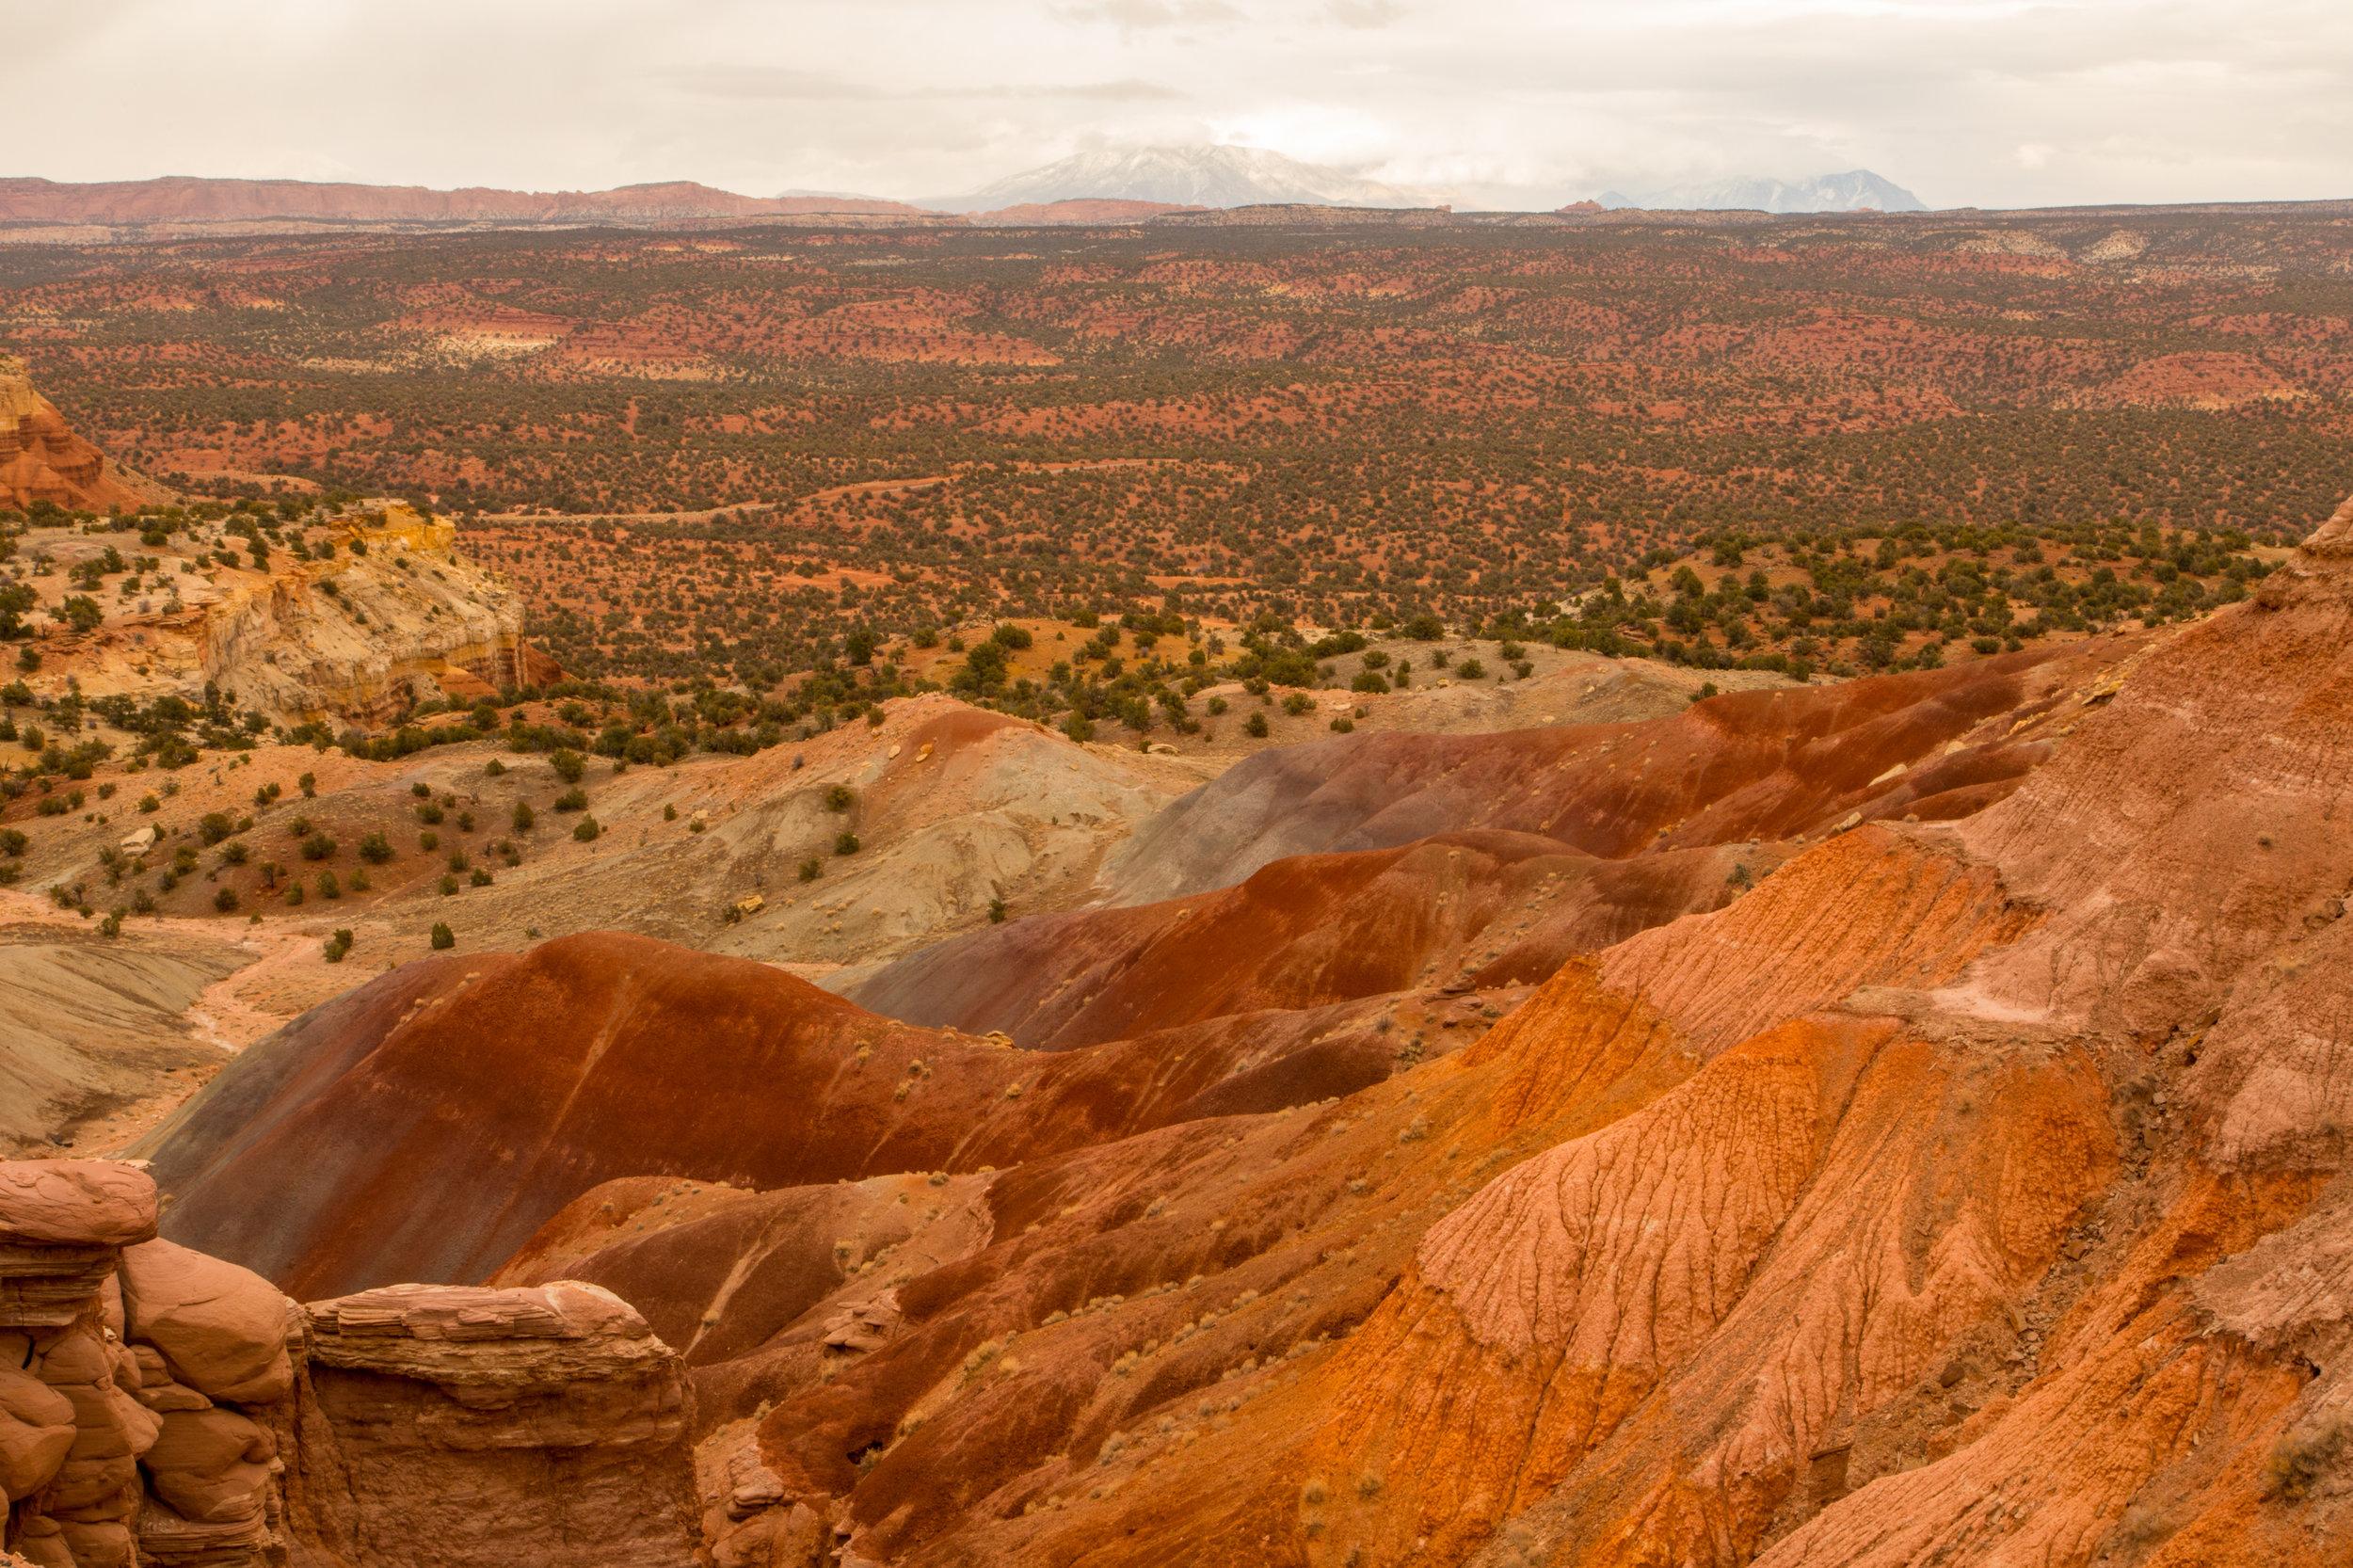 Burr Trail, Image # 4258